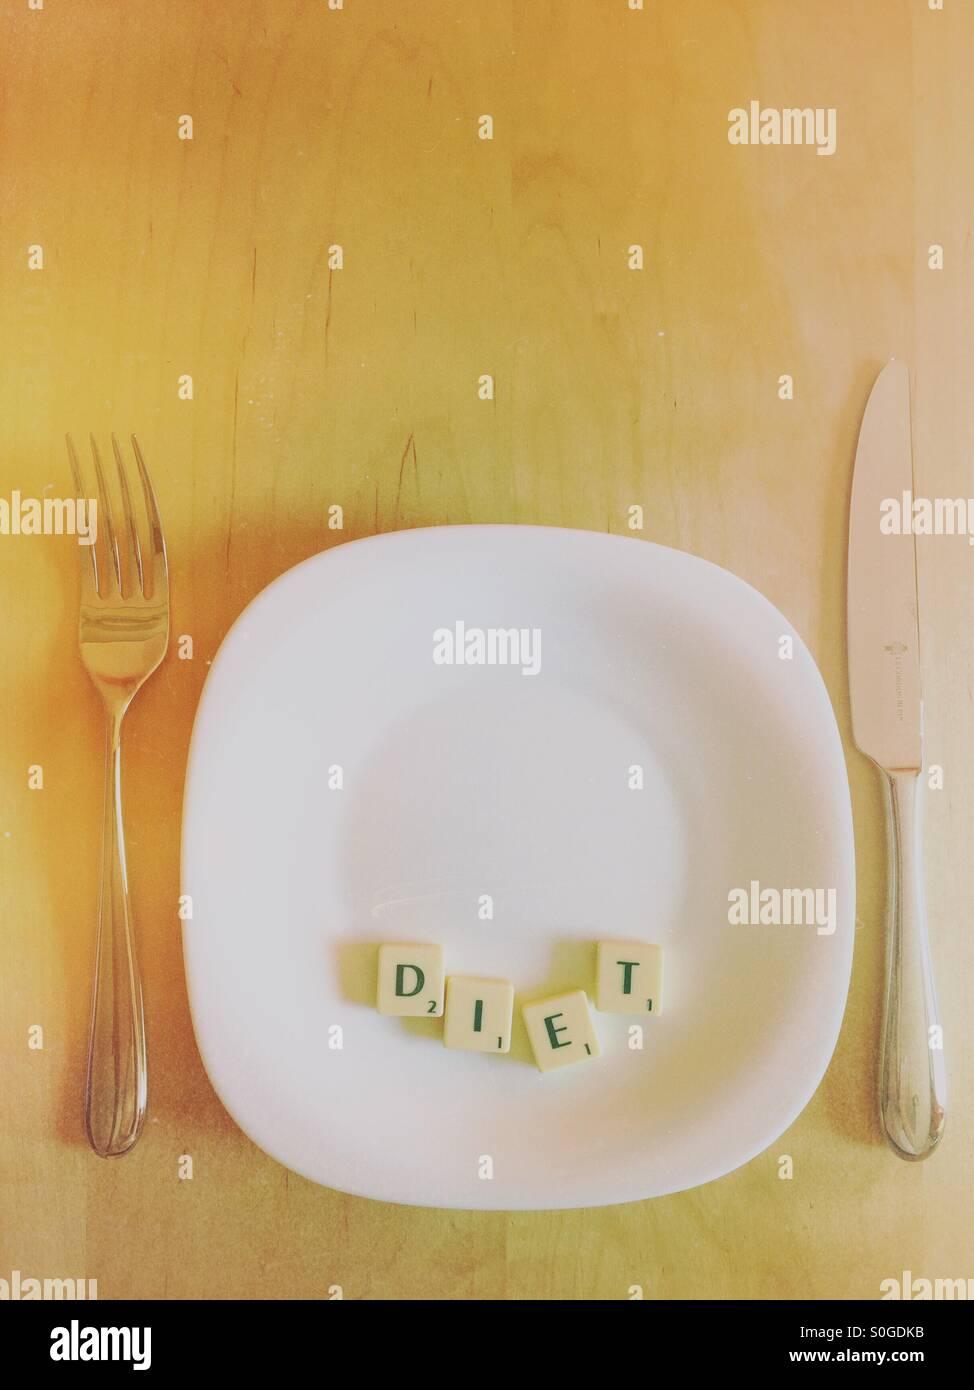 Piastra con la parola dieta in lettere di scrabble Immagini Stock